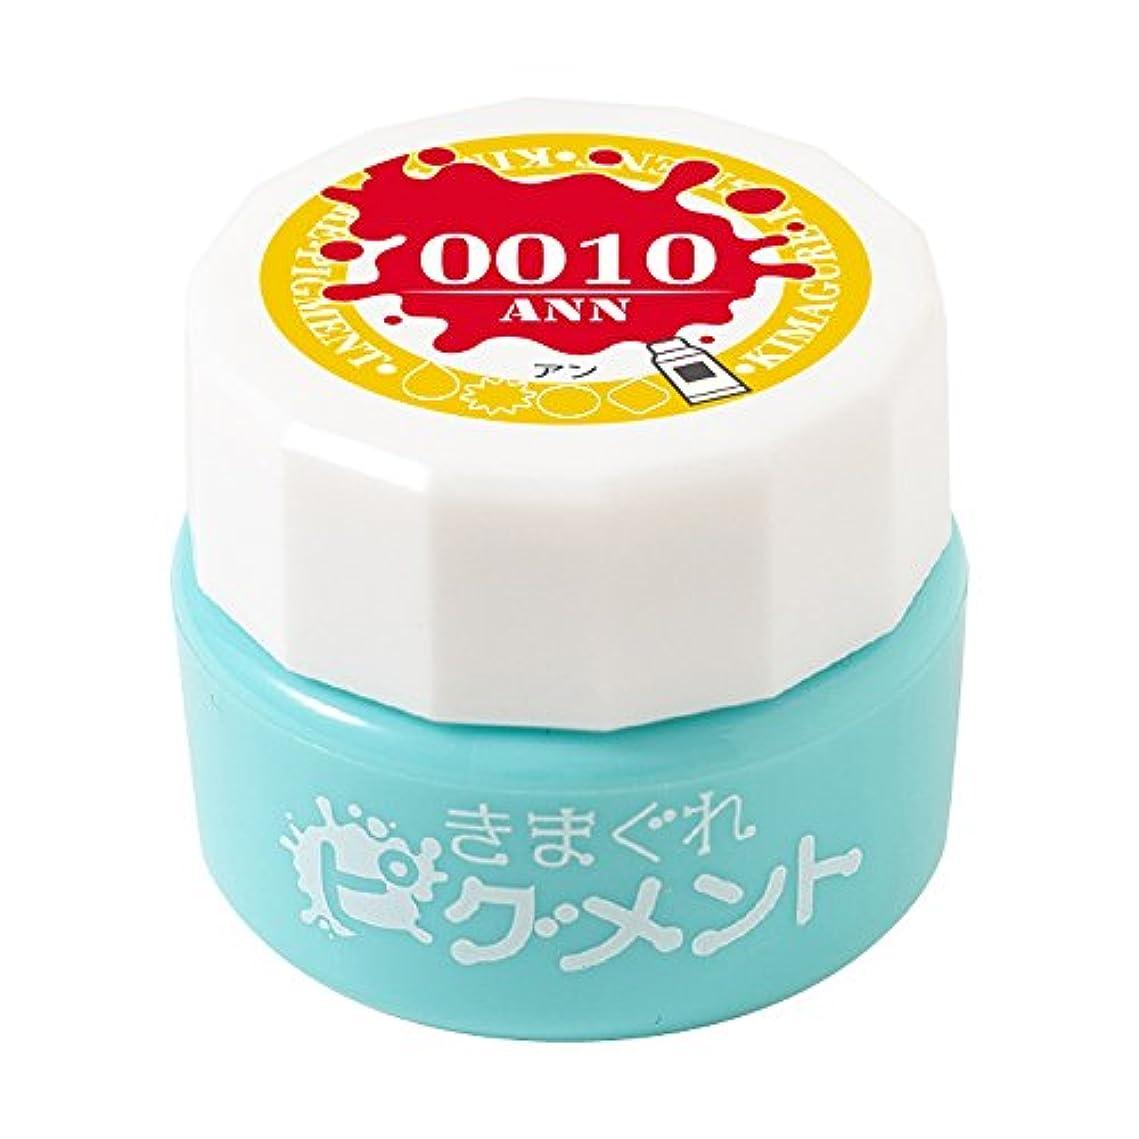 処方するナース皮肉なBettygel きまぐれピグメント アン QYJ-0010 4g UV/LED対応